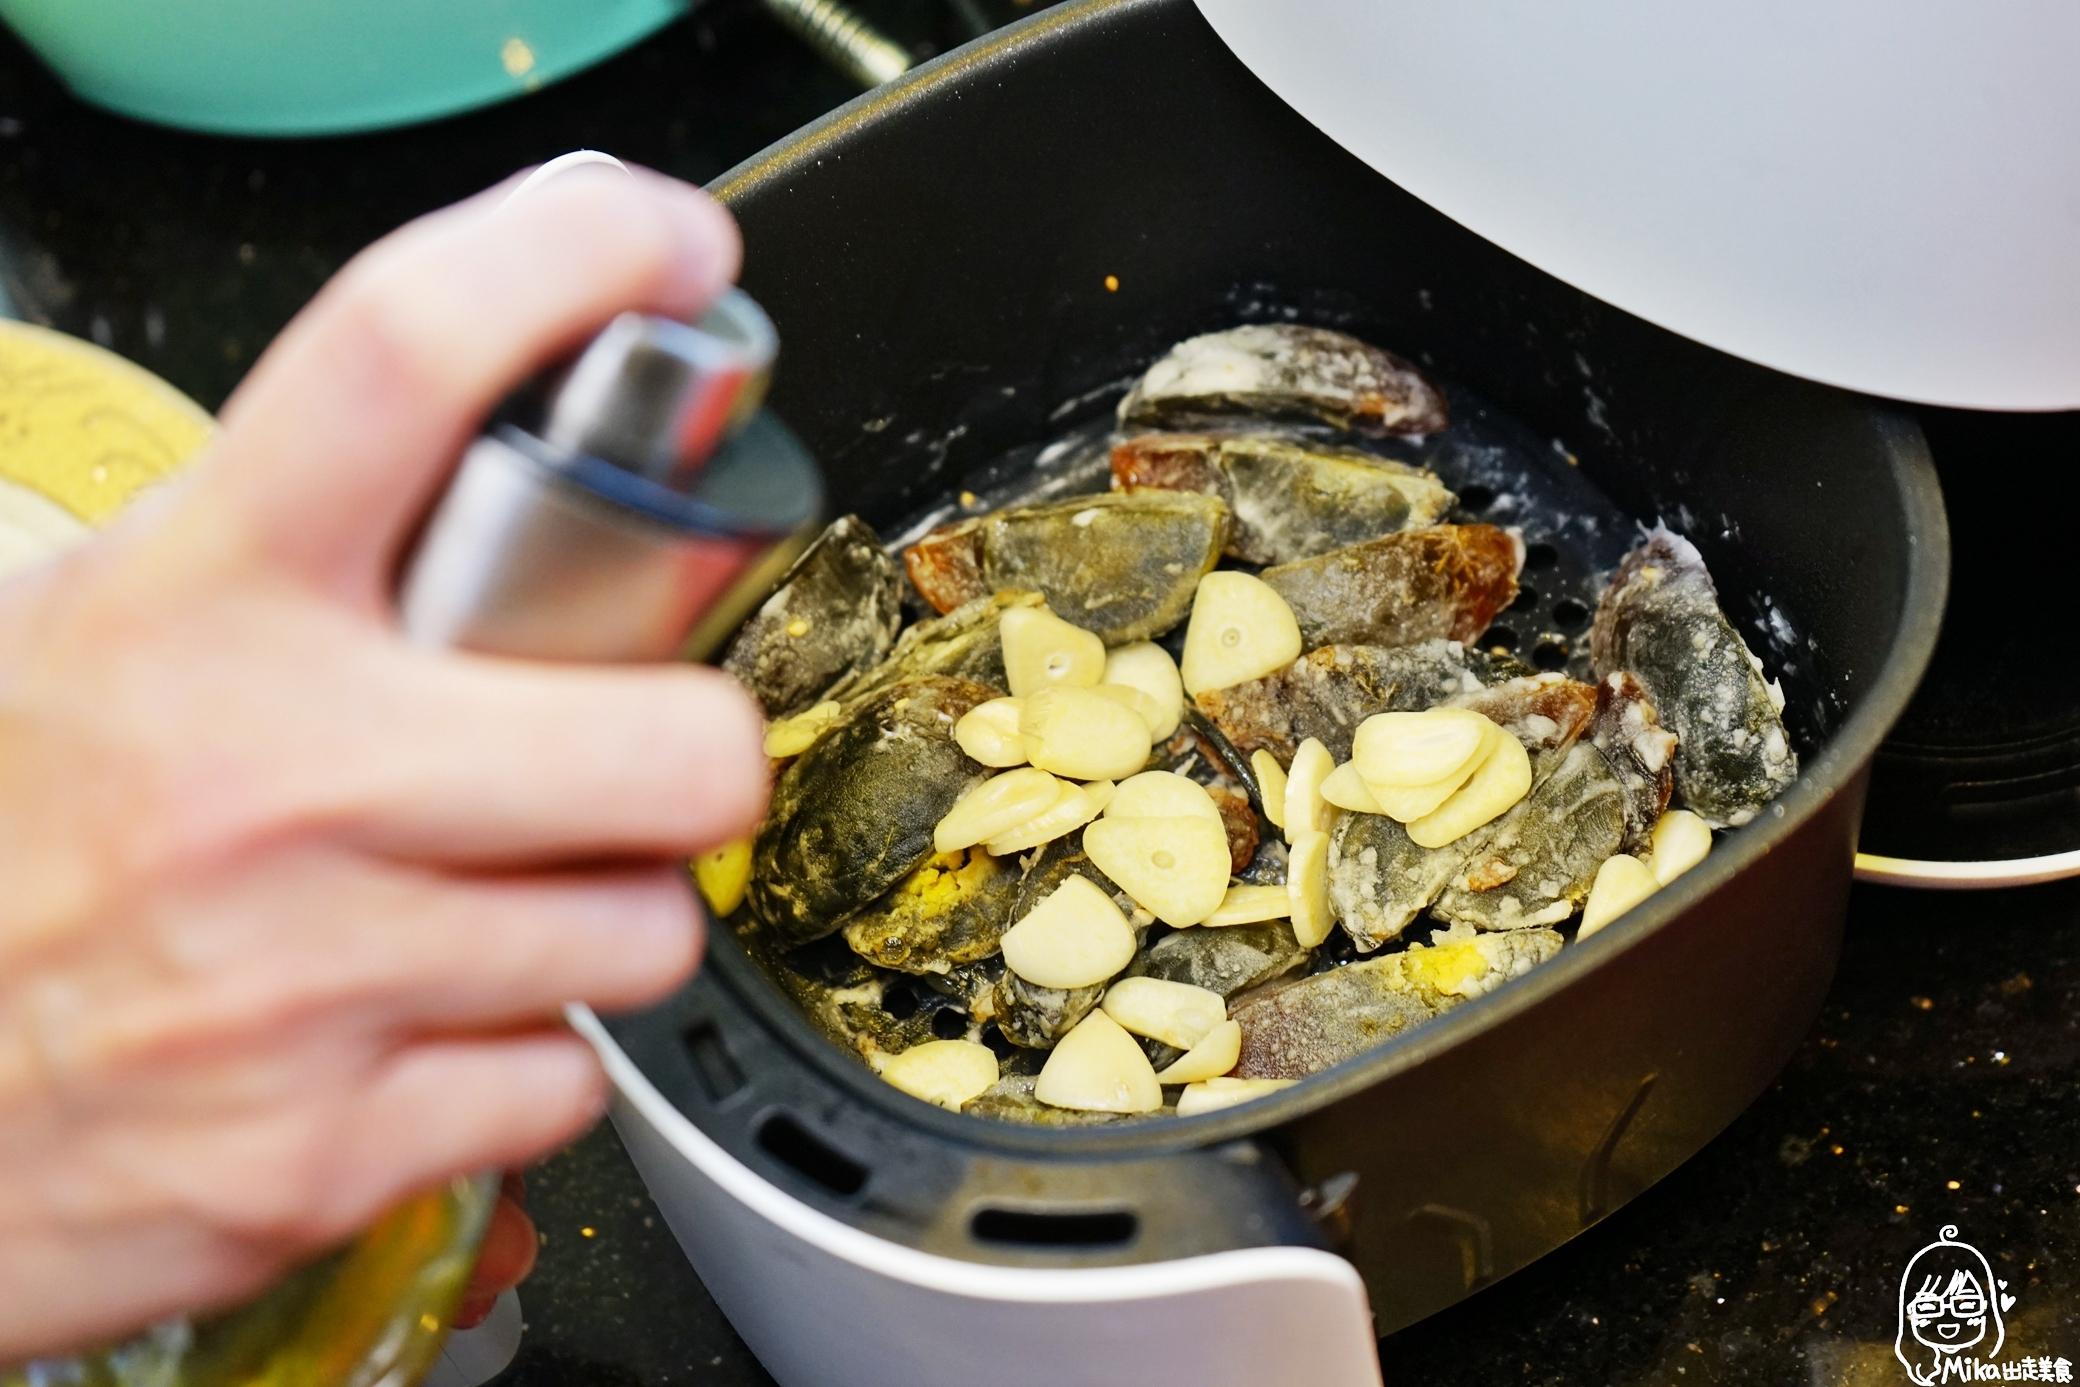 『懶人。料理』 氣炸椒鹽皮蛋|芷要上菜 氣炸鍋出好料  想吃熱炒又不想燻油煙 下酒菜也可以用氣炸鍋輕鬆炸  減油版本零失敗料理